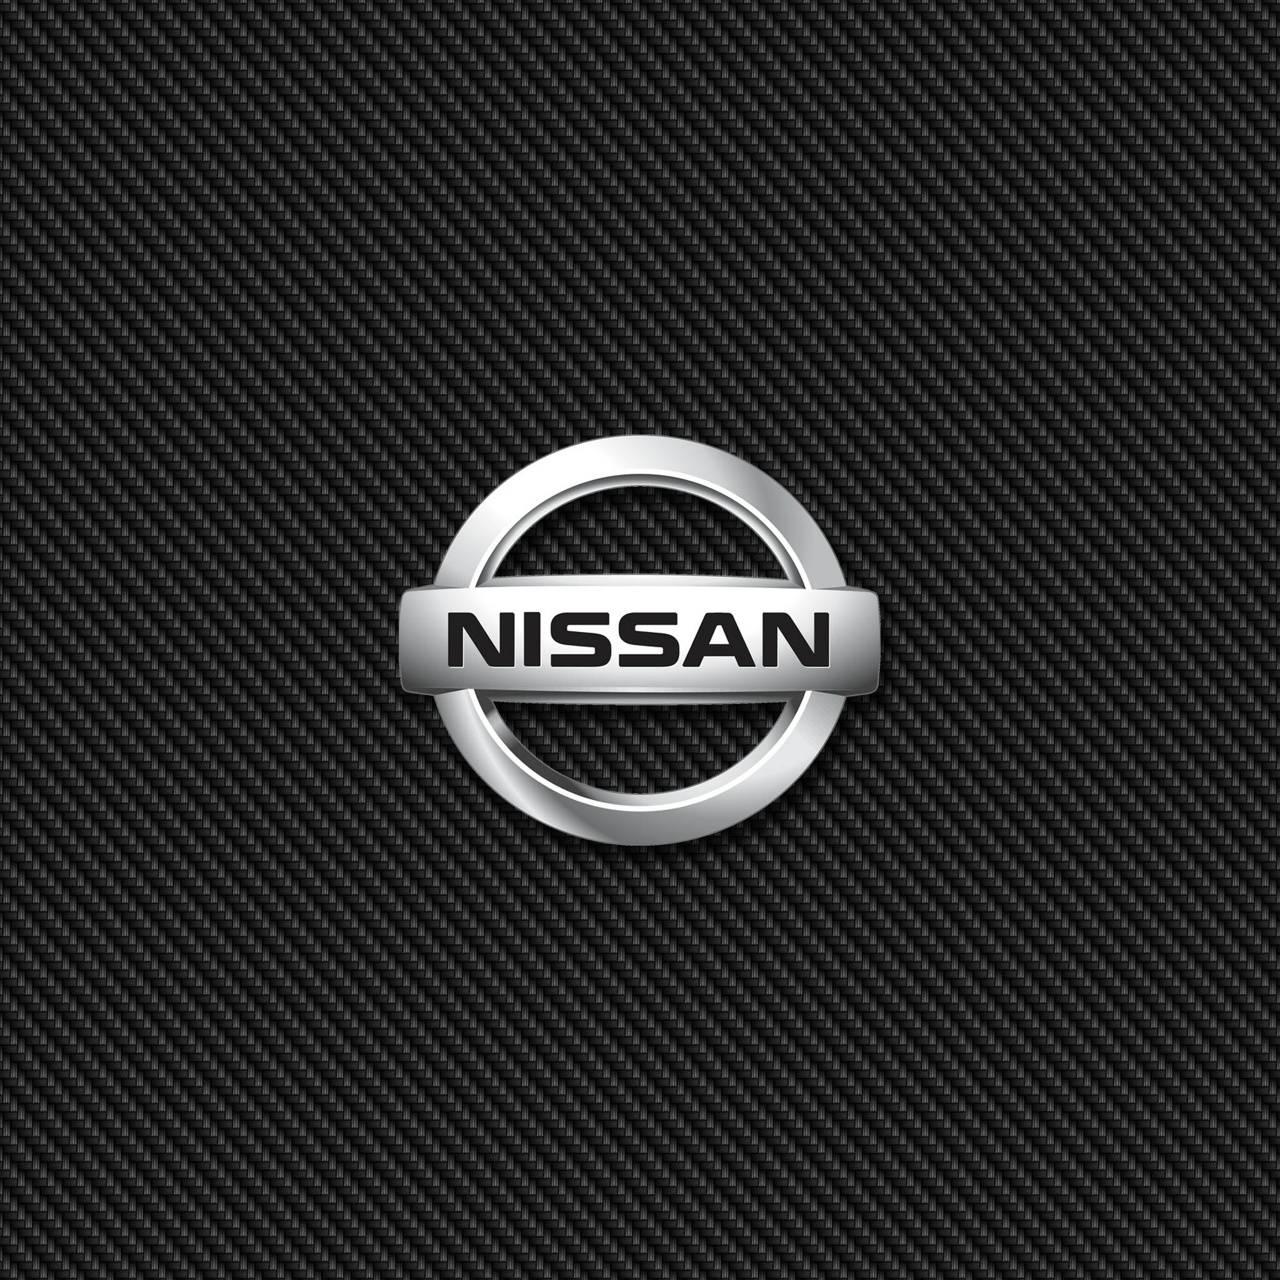 Nissan Carbon